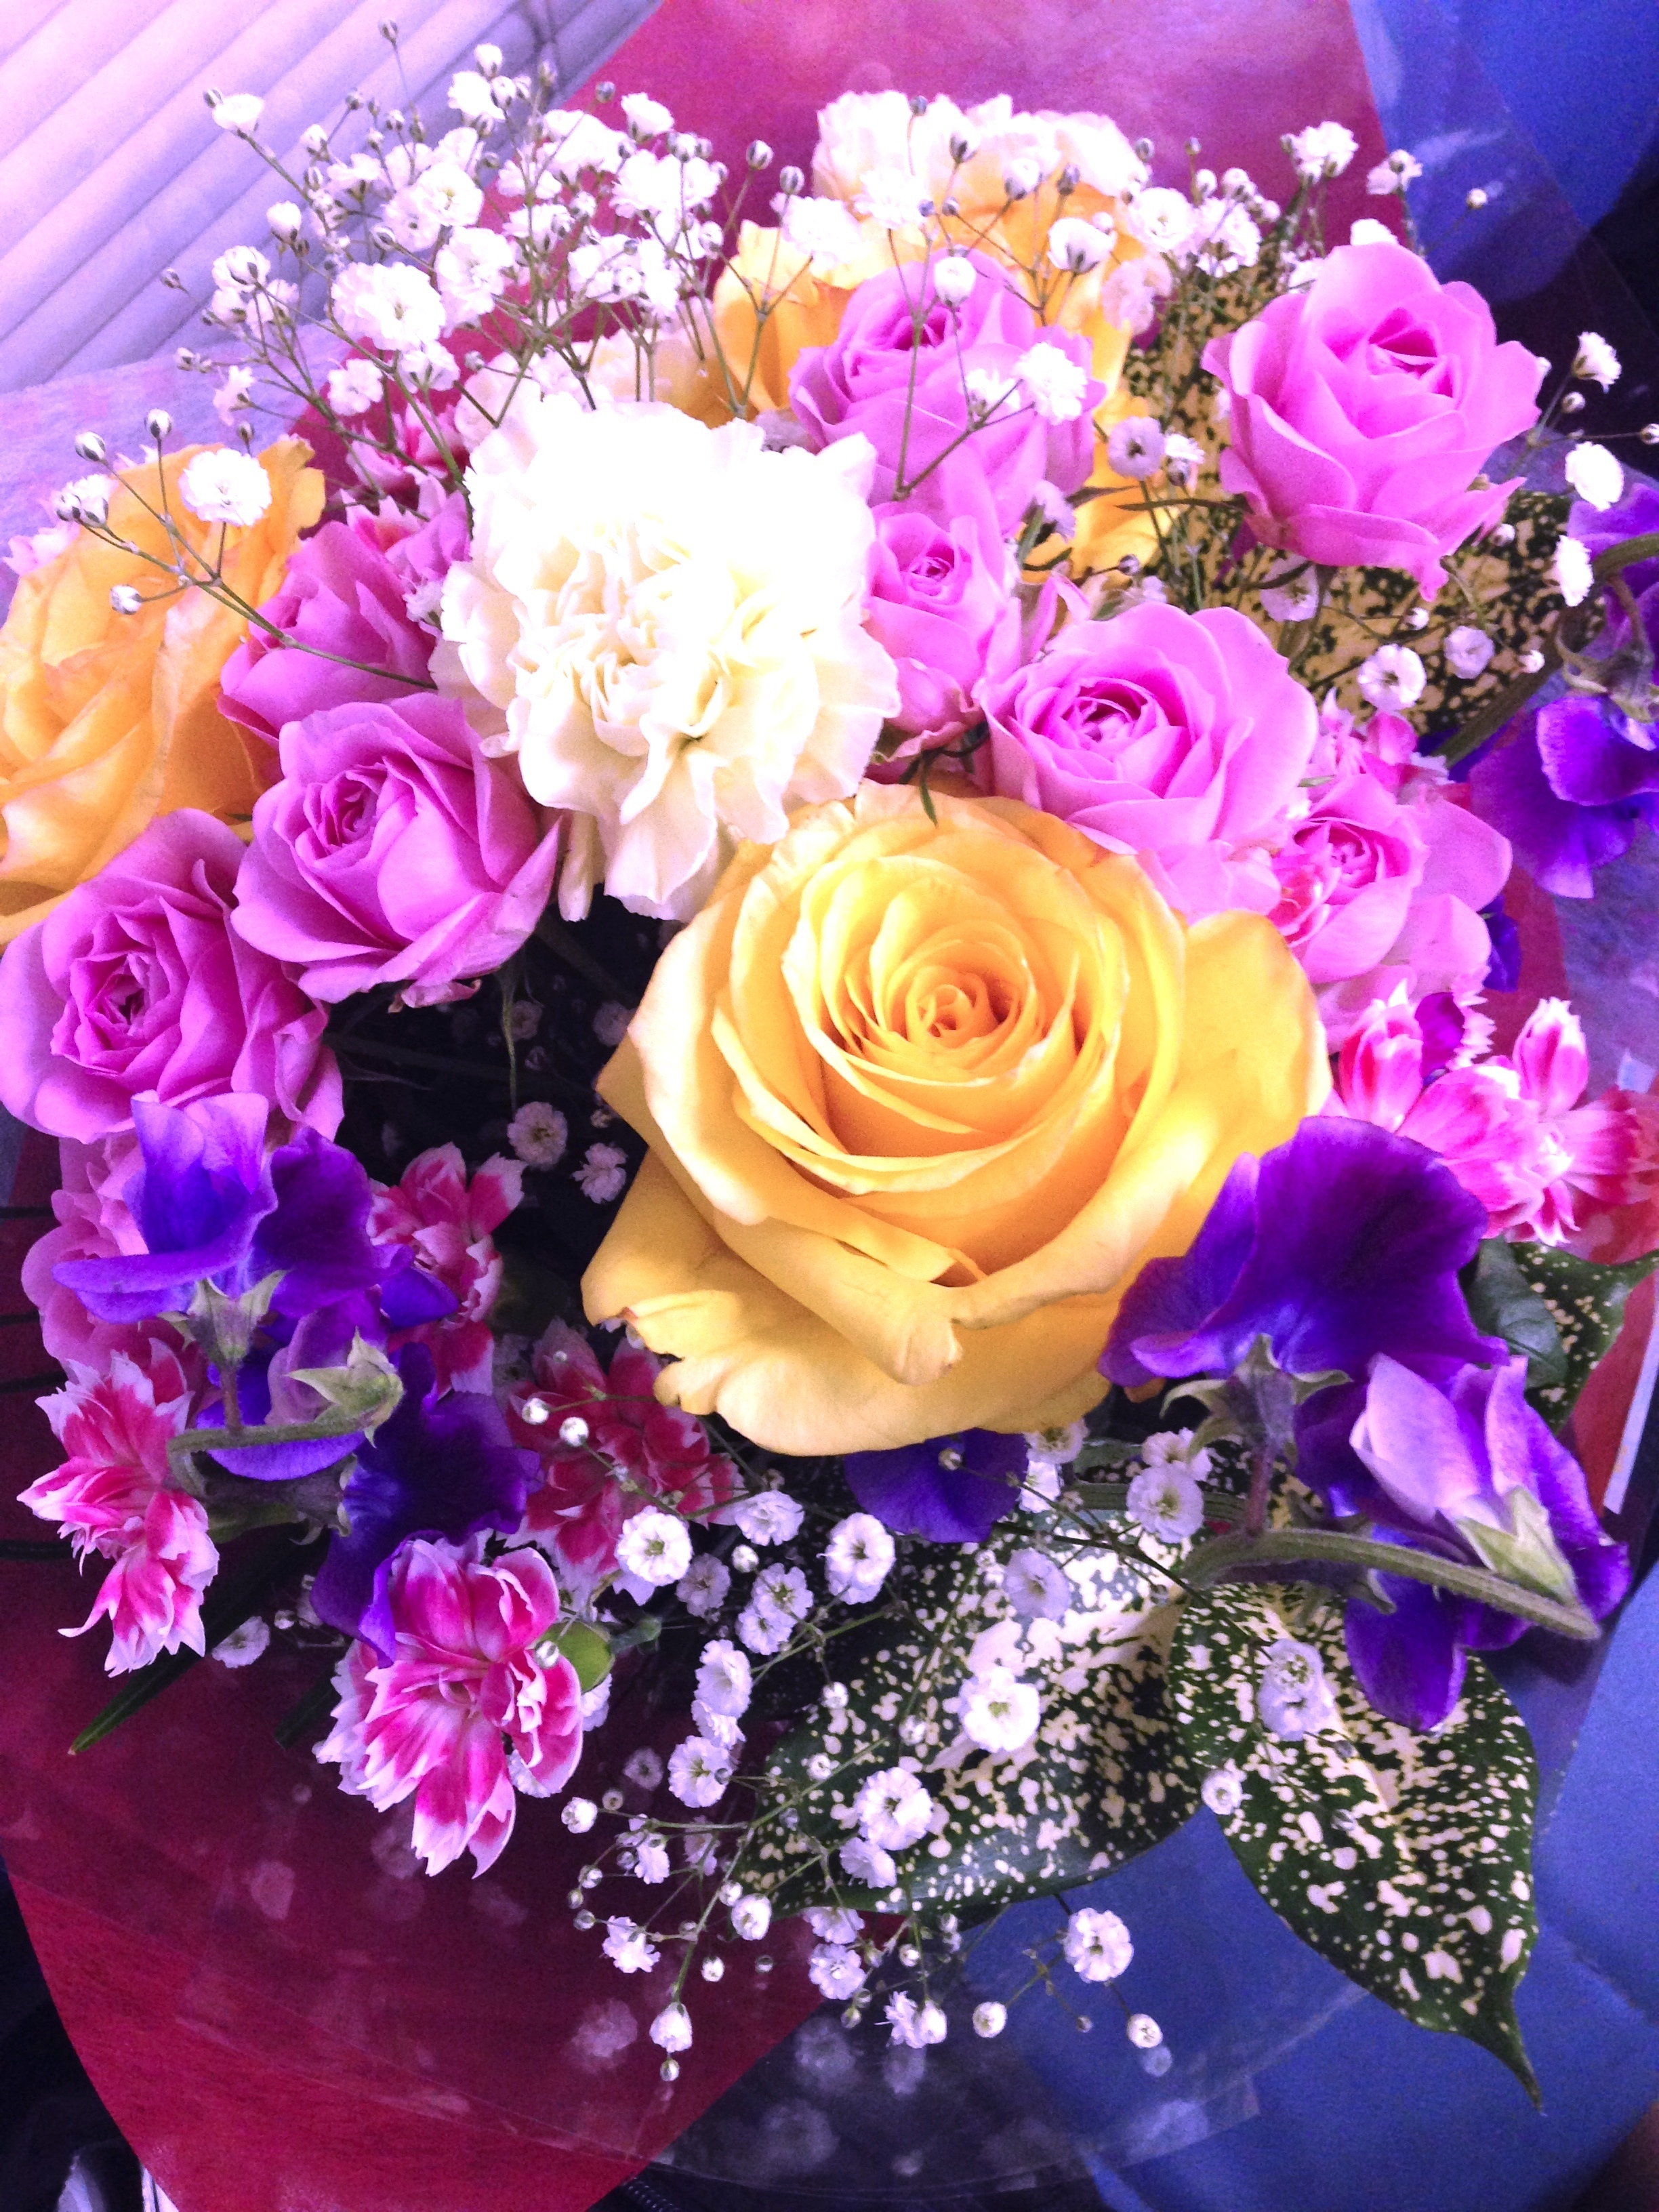 とても綺麗な花束です。